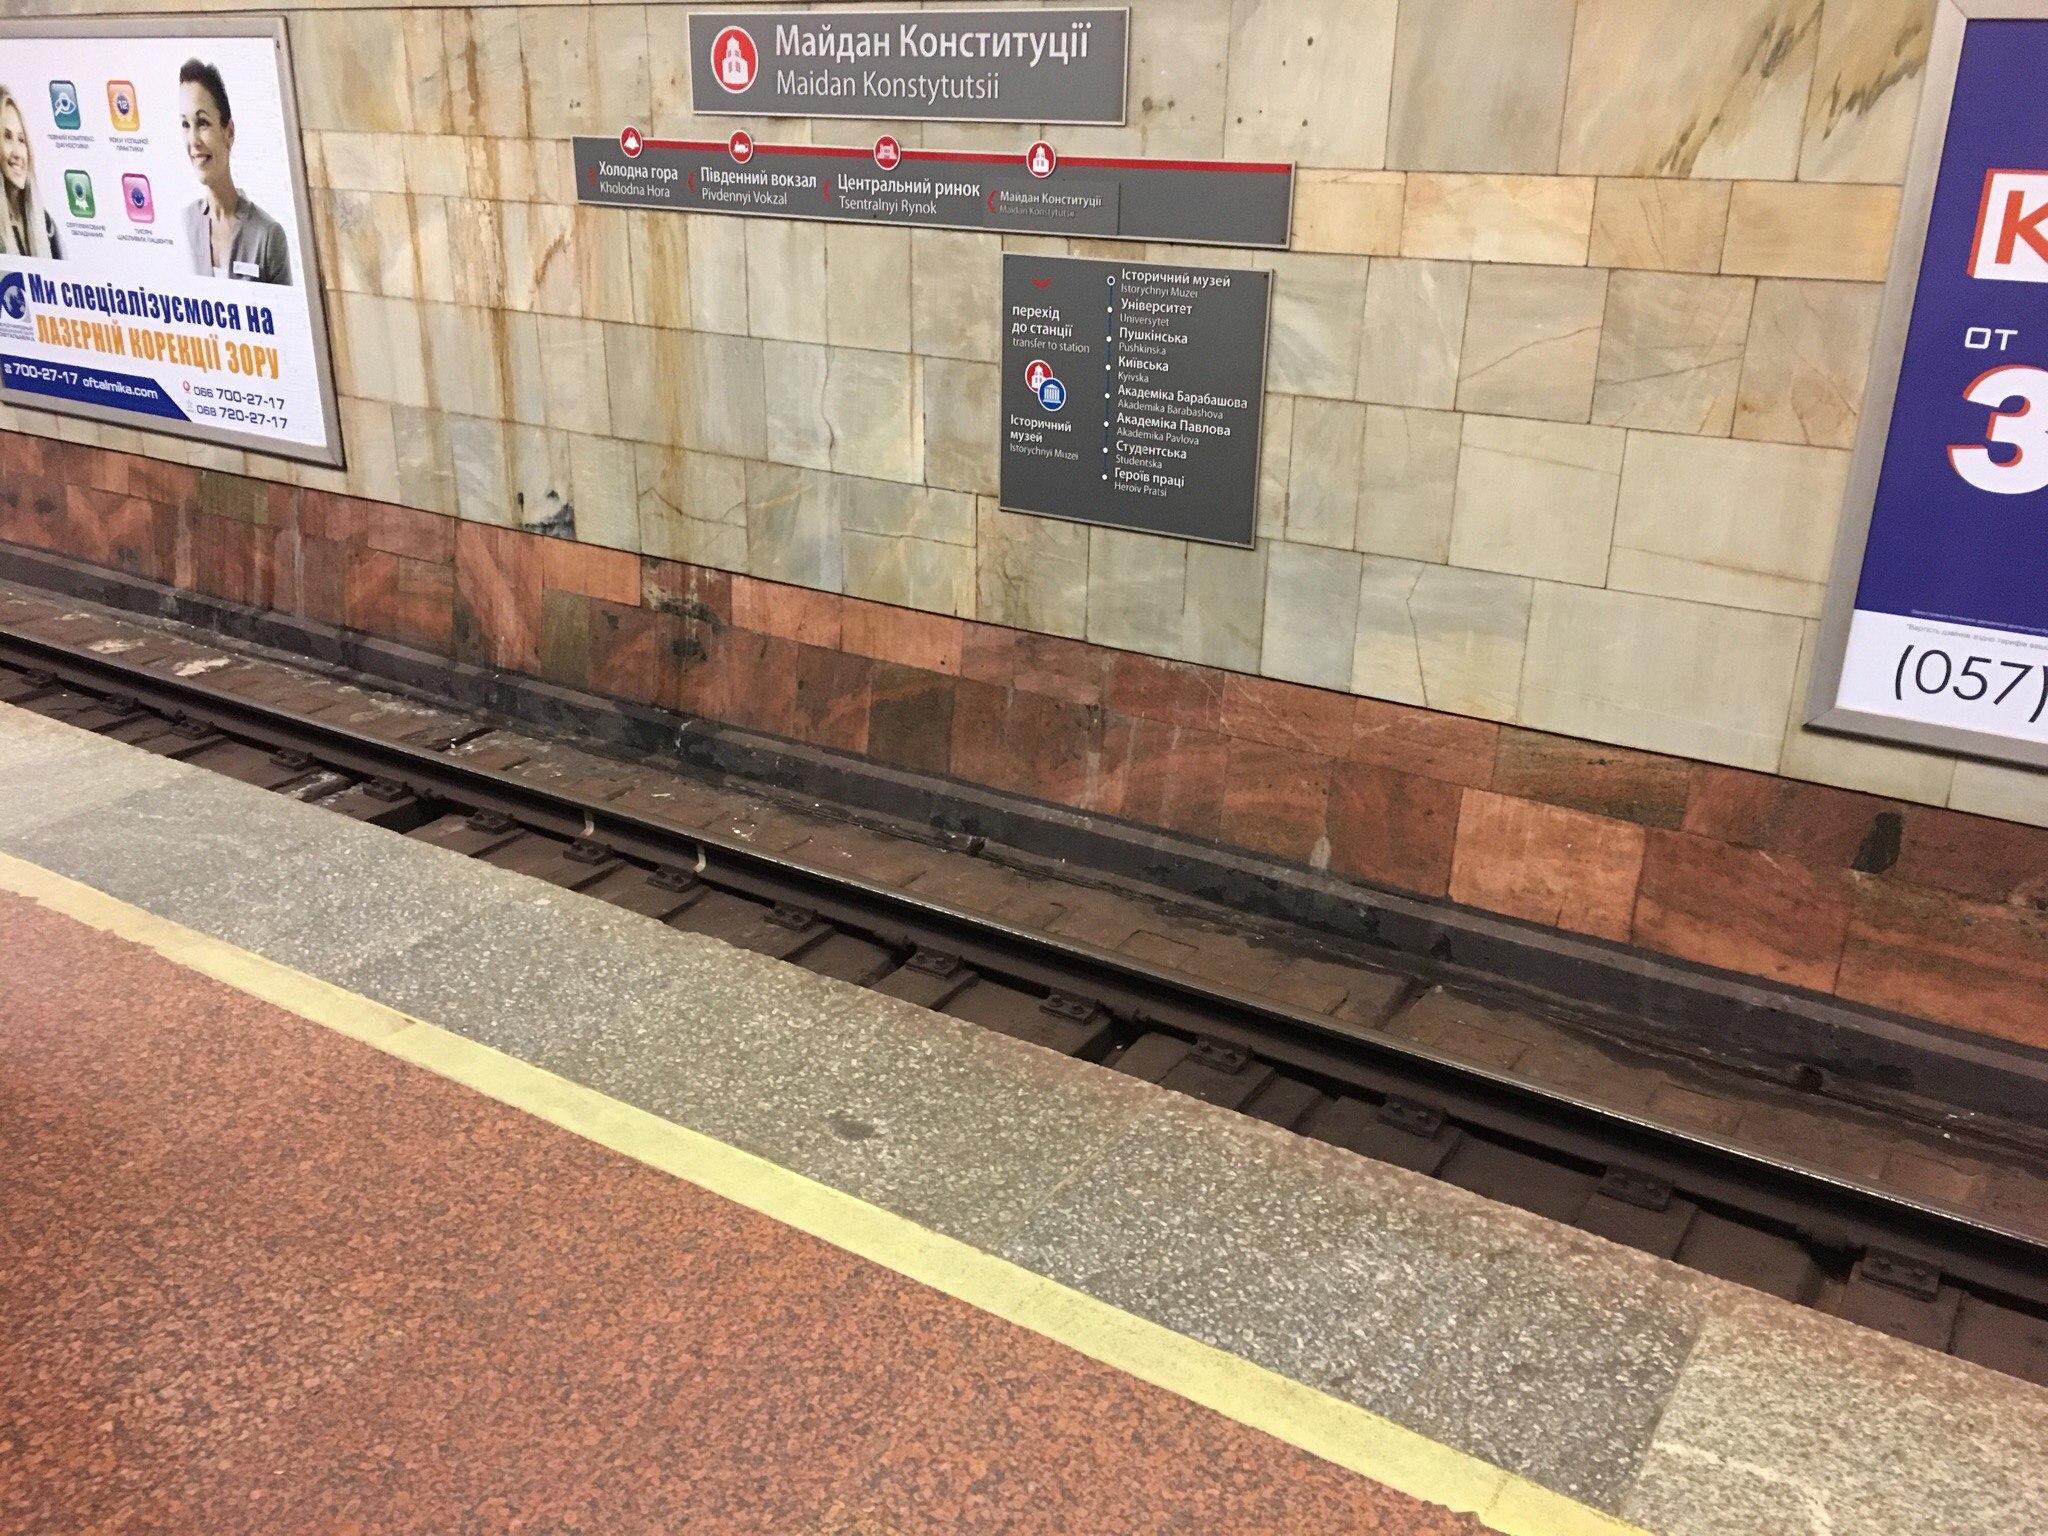 Харьковчанин перепугал людей в метро